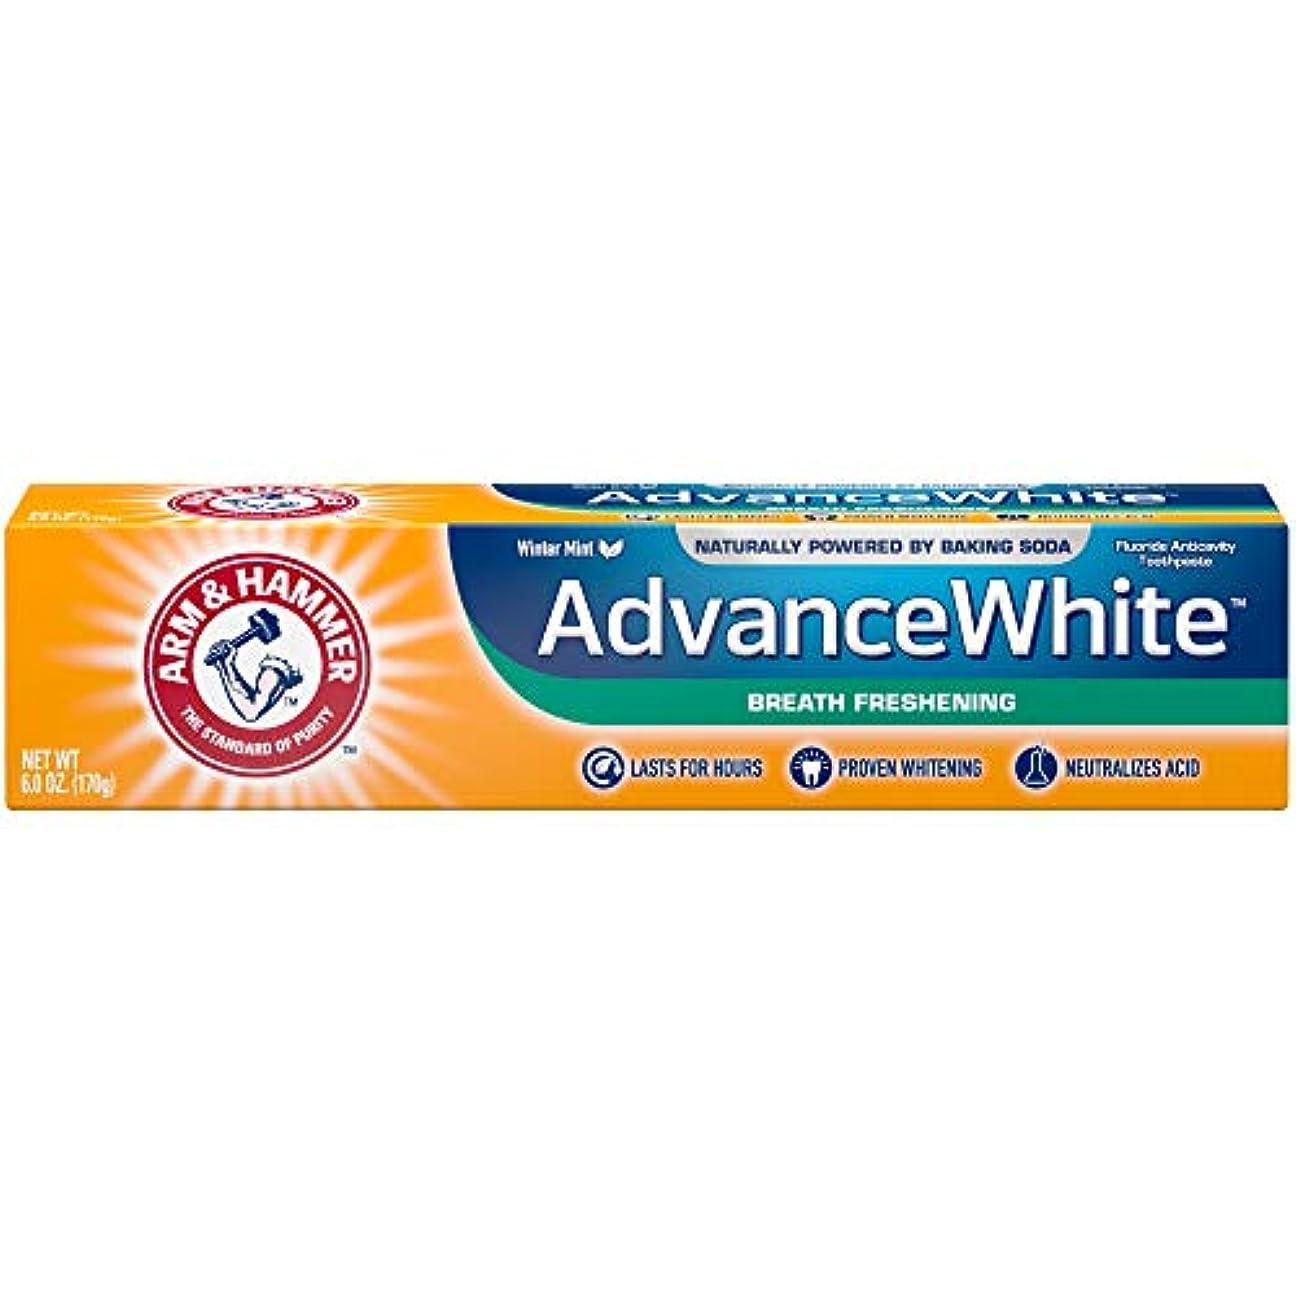 放牧する順番理解するアーム&ハマー アドバンス ホワイト 歯磨き粉 ブレス フレッシュニング 170g Advance White Breath Freshing Baking Soda & Frosted Mint